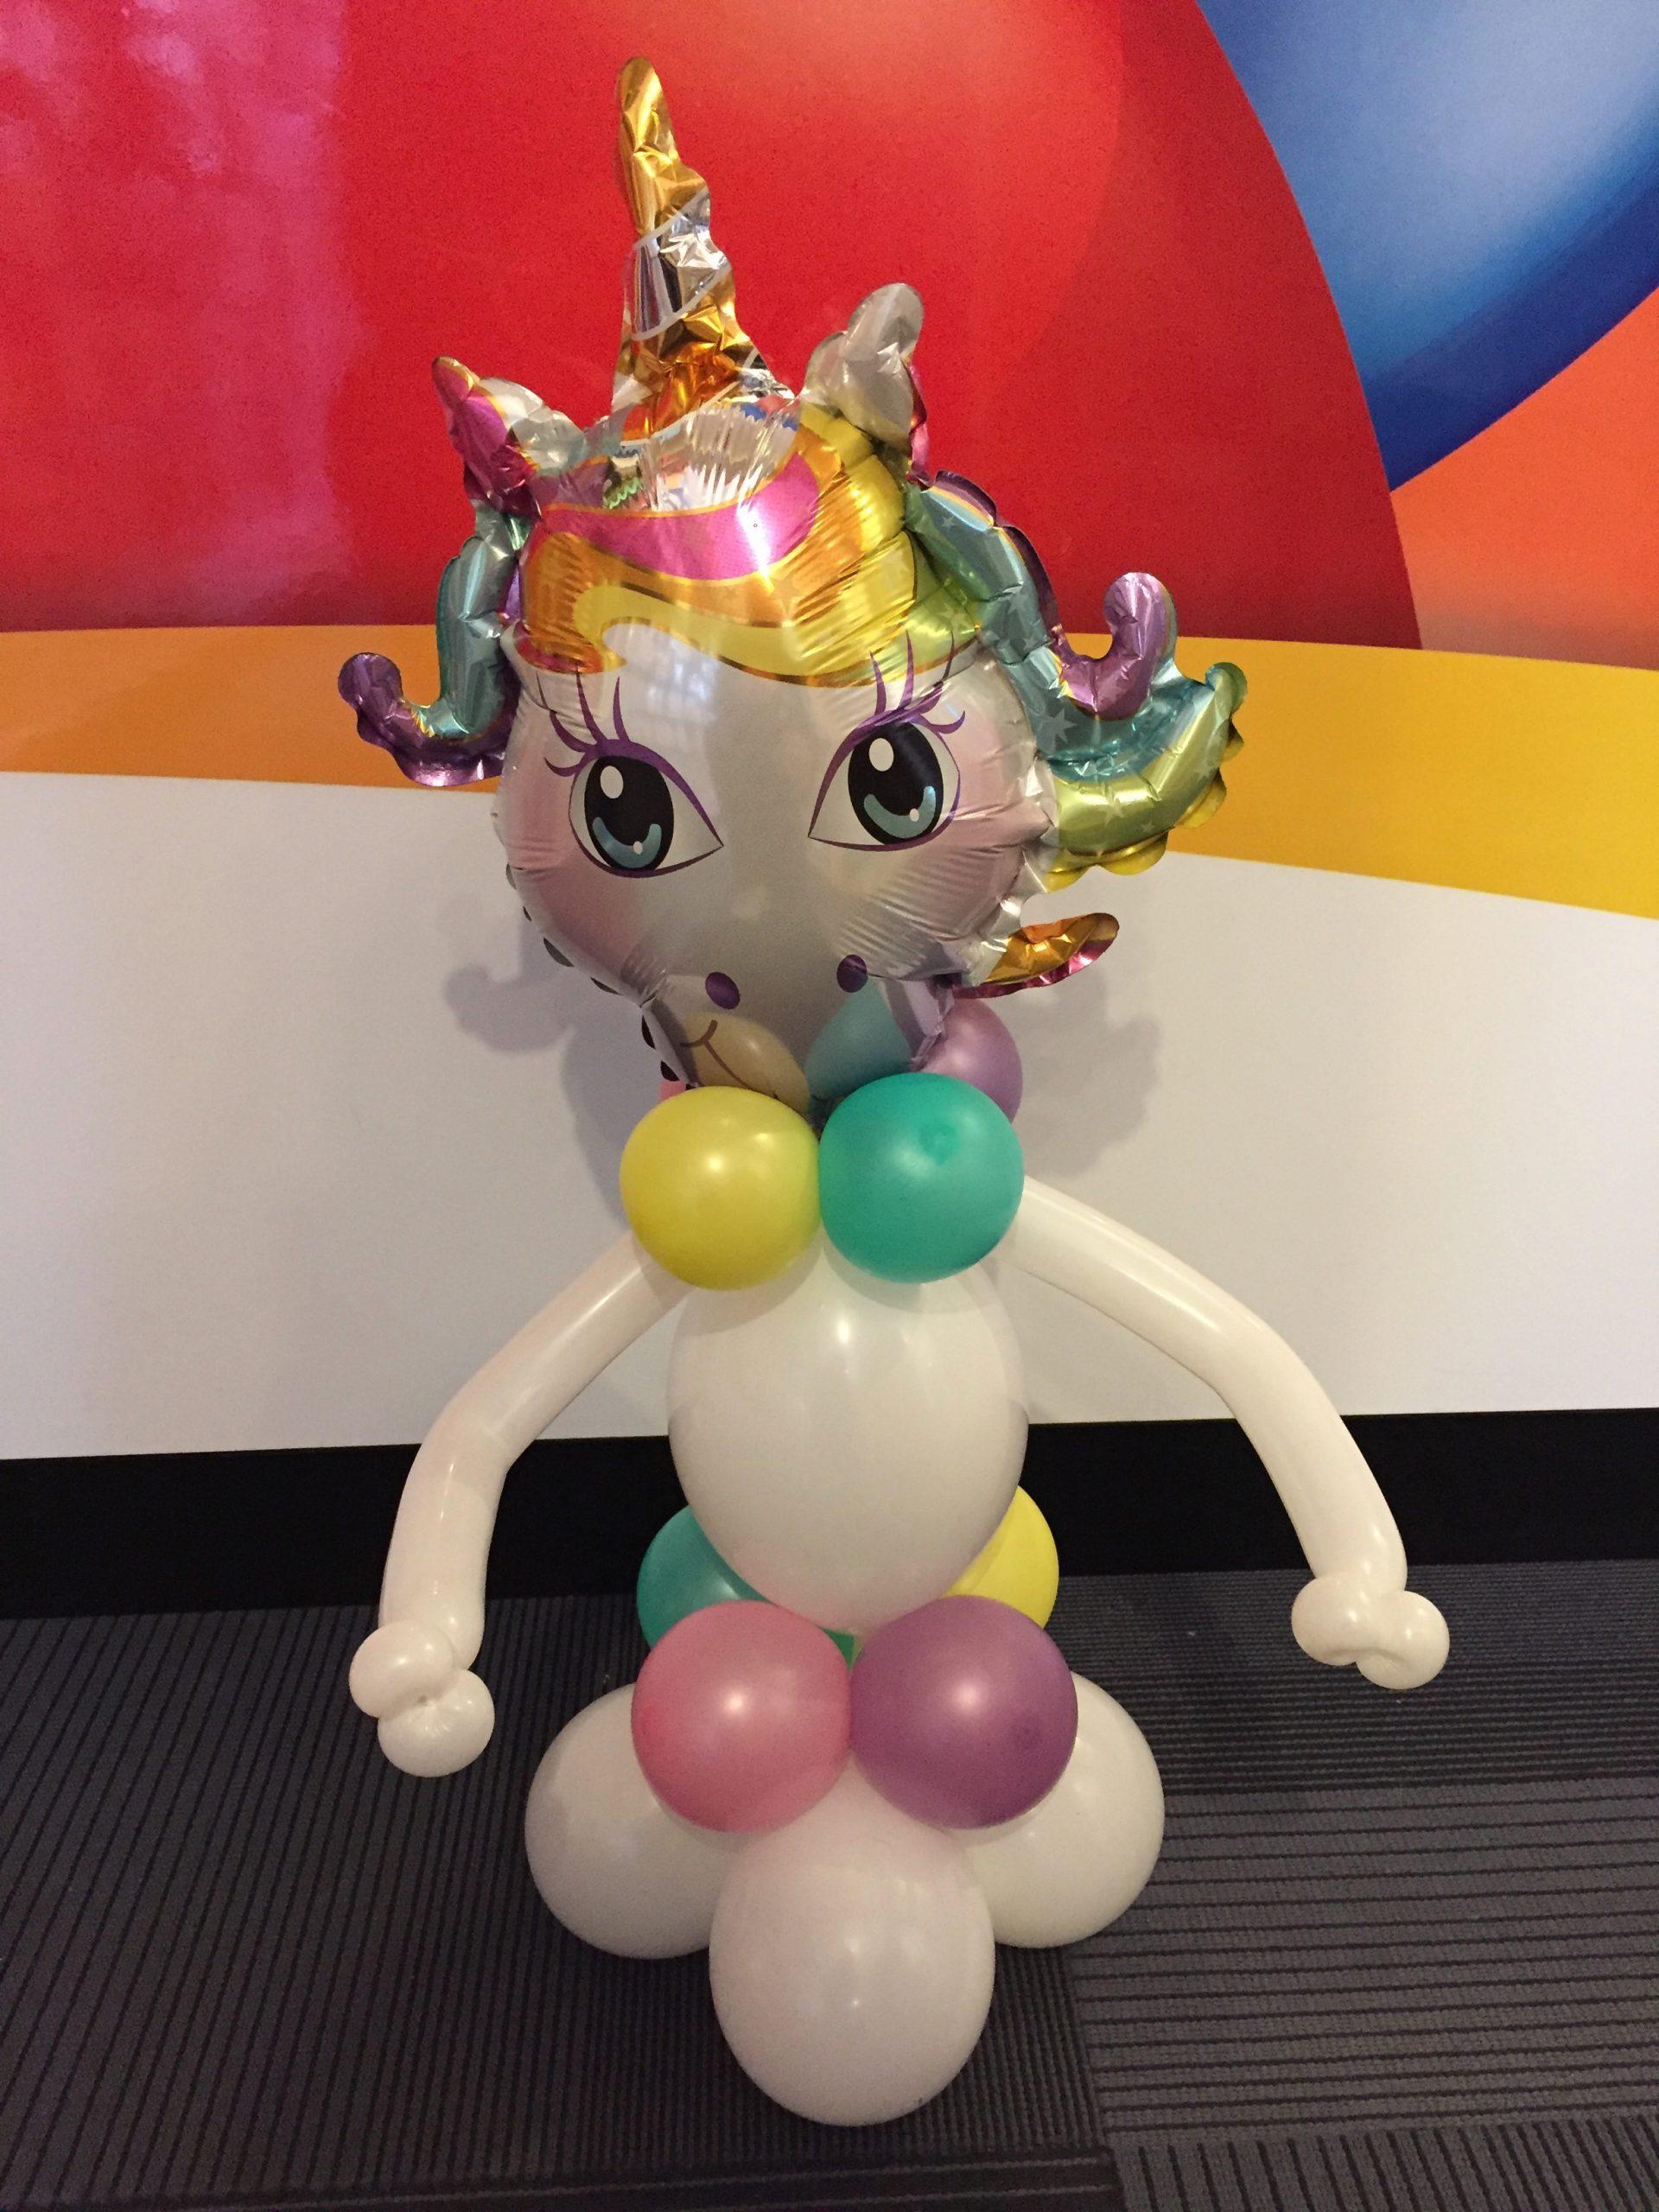 Balloon unicorn table decoration